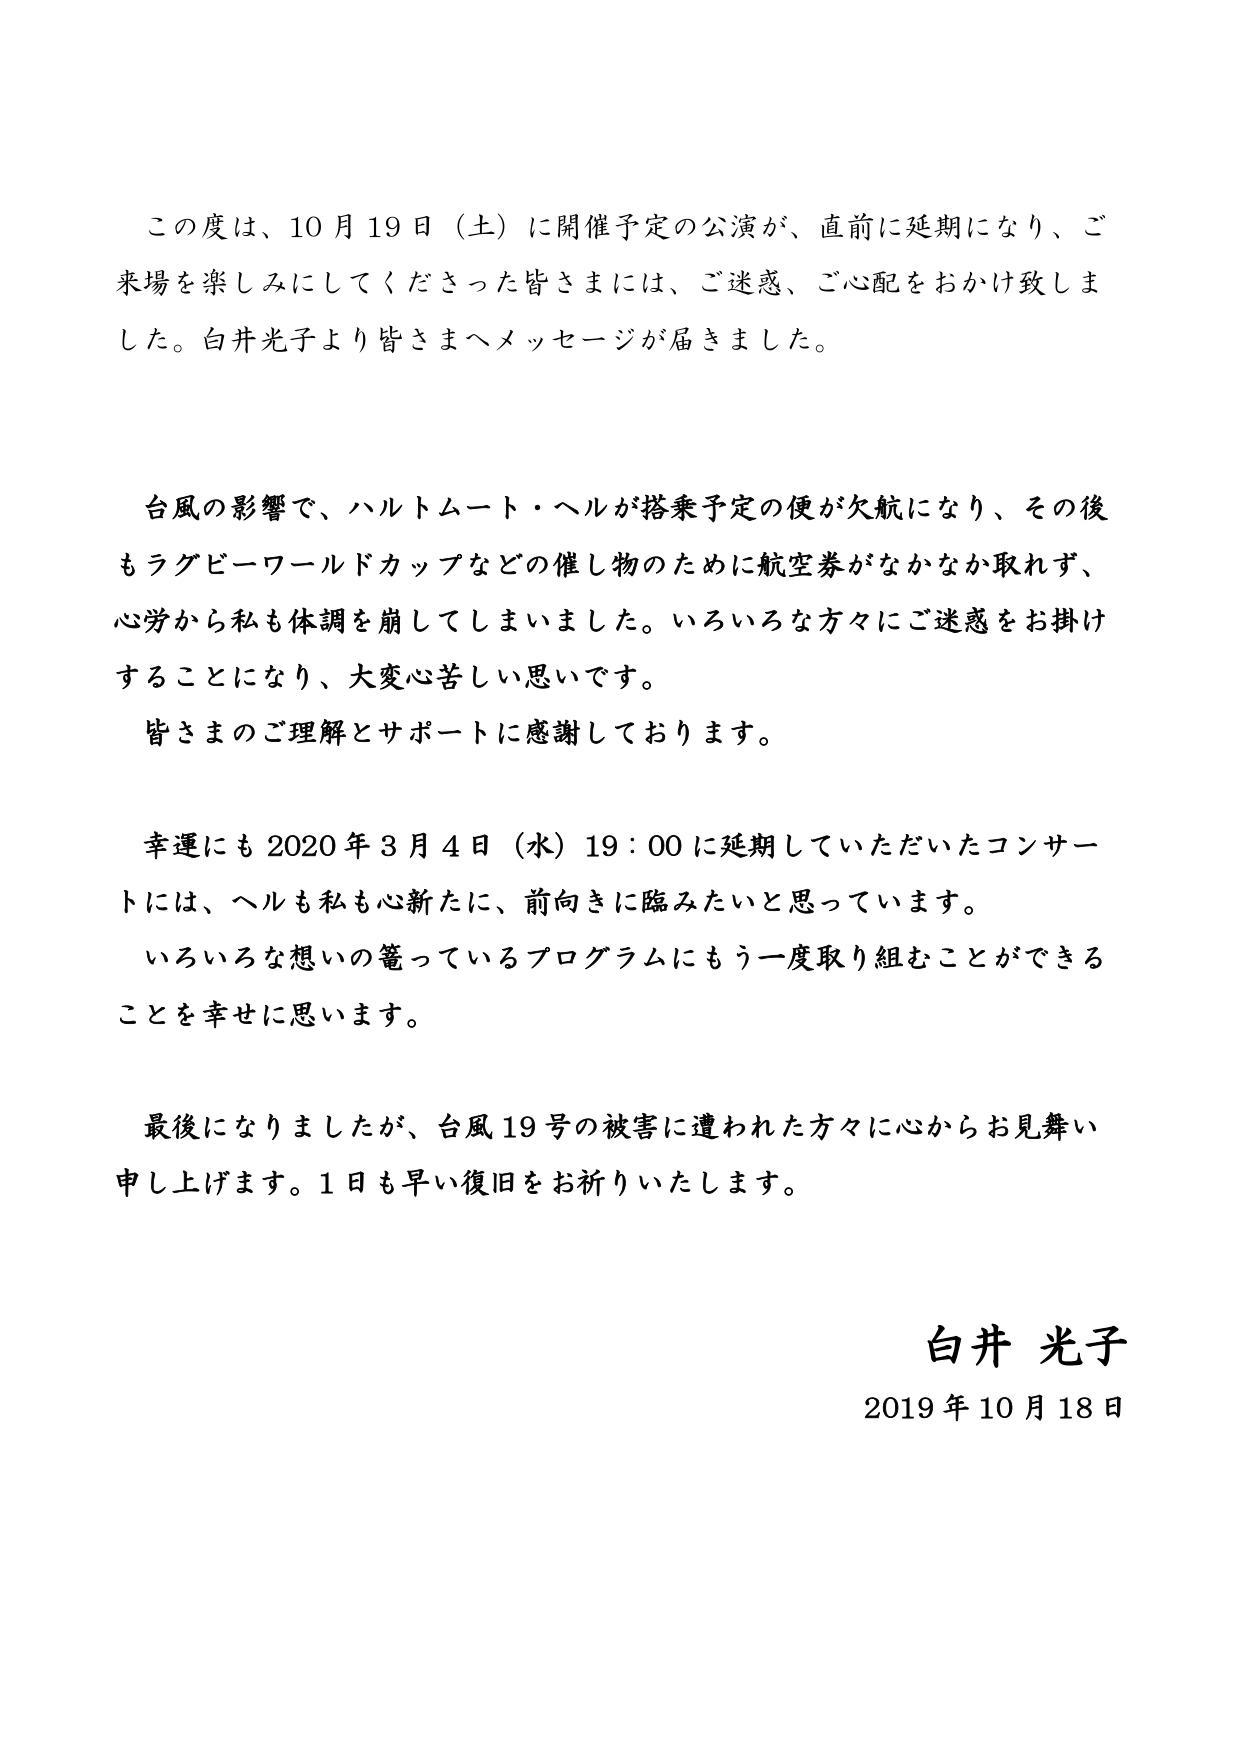 白井光子からのメッセージ